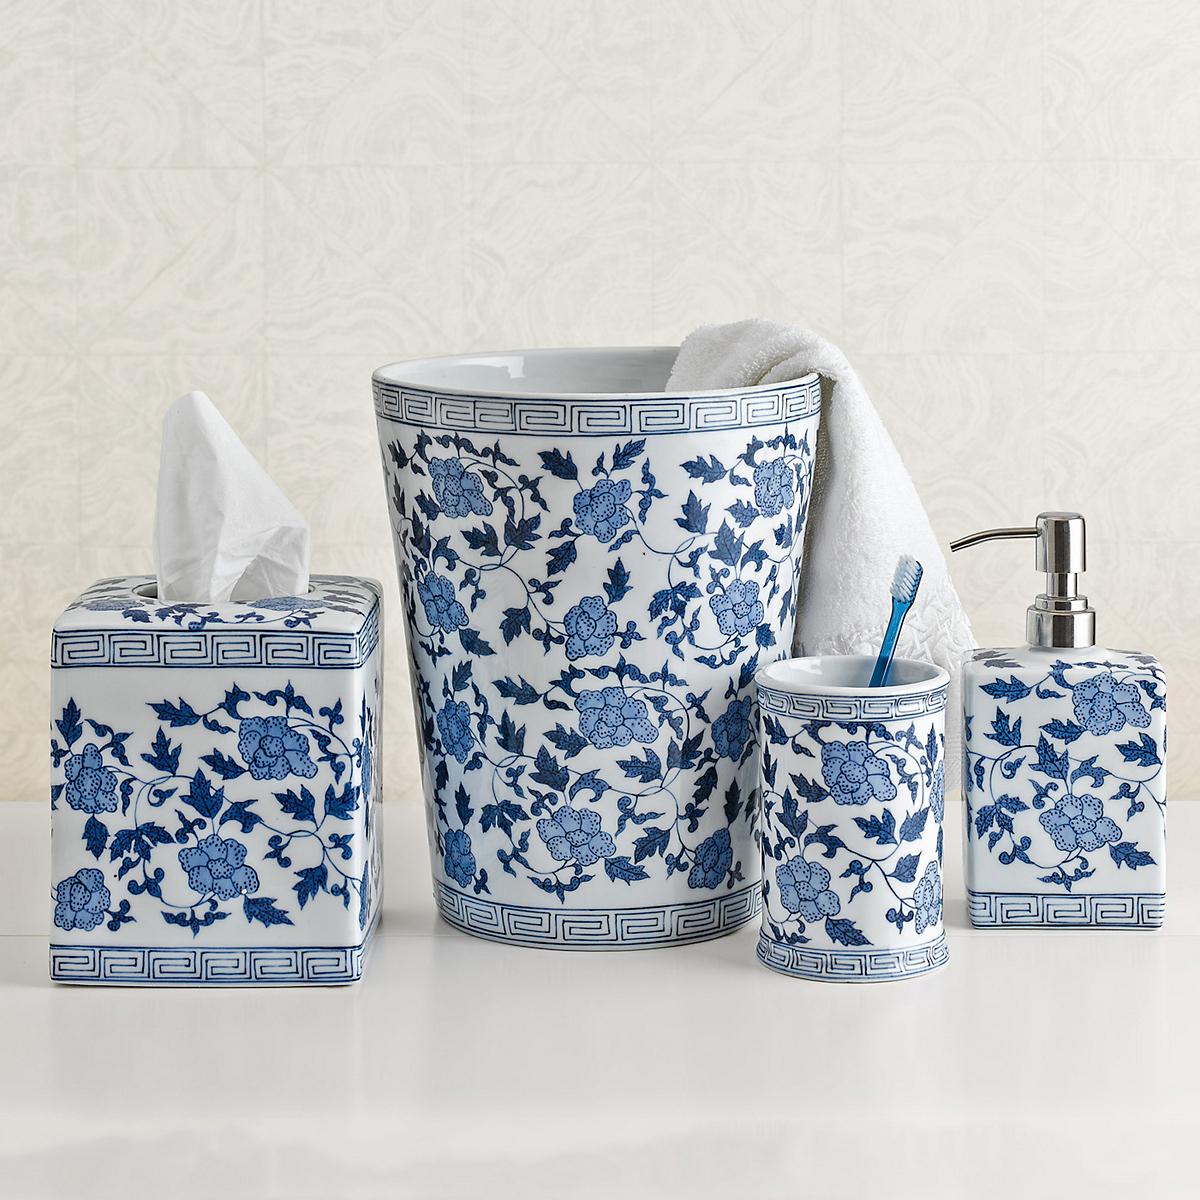 Ming Garden Bath Accessories